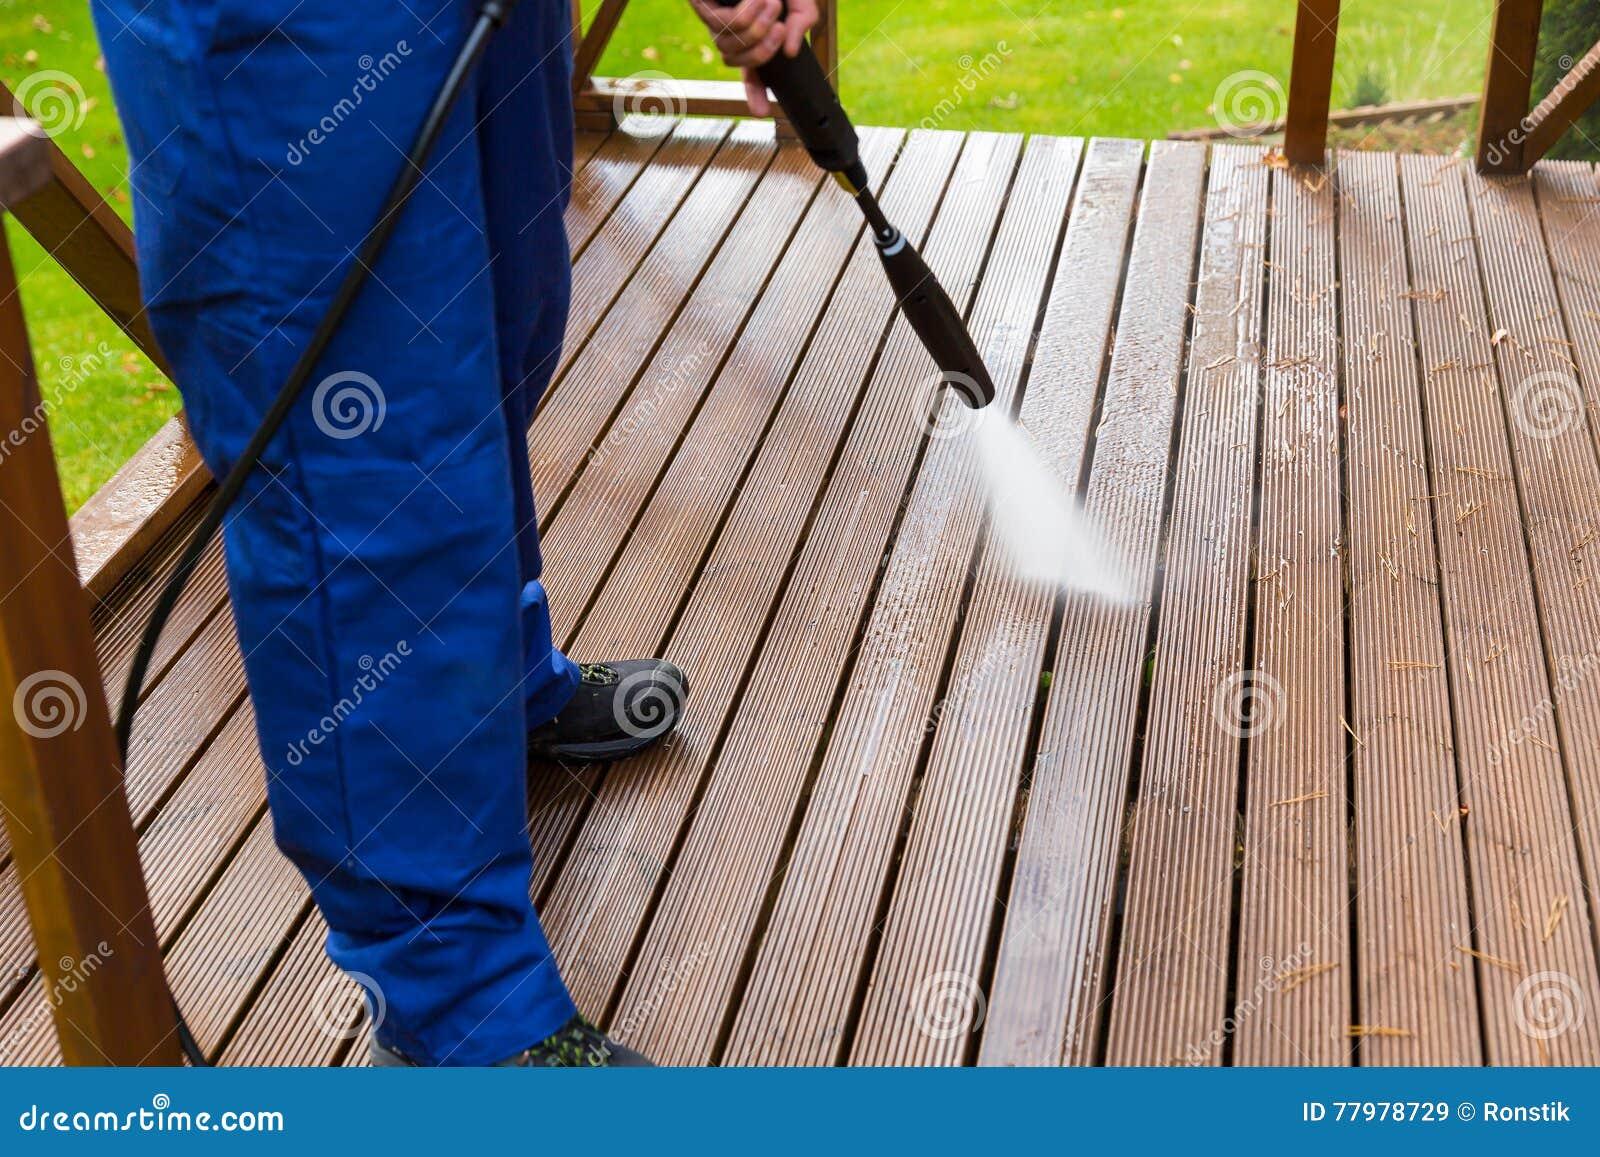 limpieza madera terraza